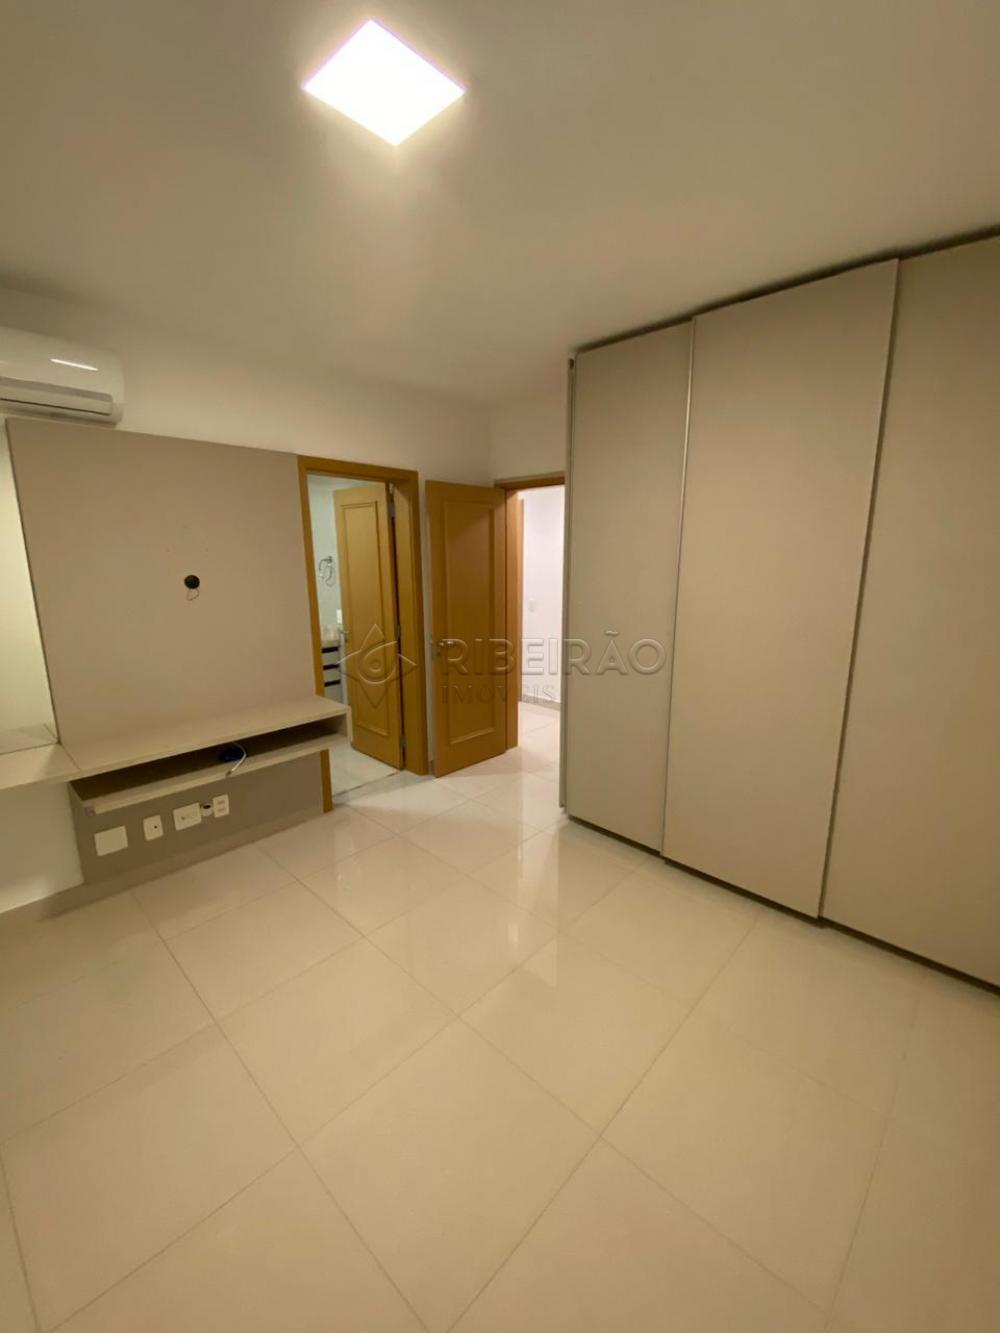 Alugar Apartamento / Padrão em Ribeirão Preto R$ 8.600,00 - Foto 15